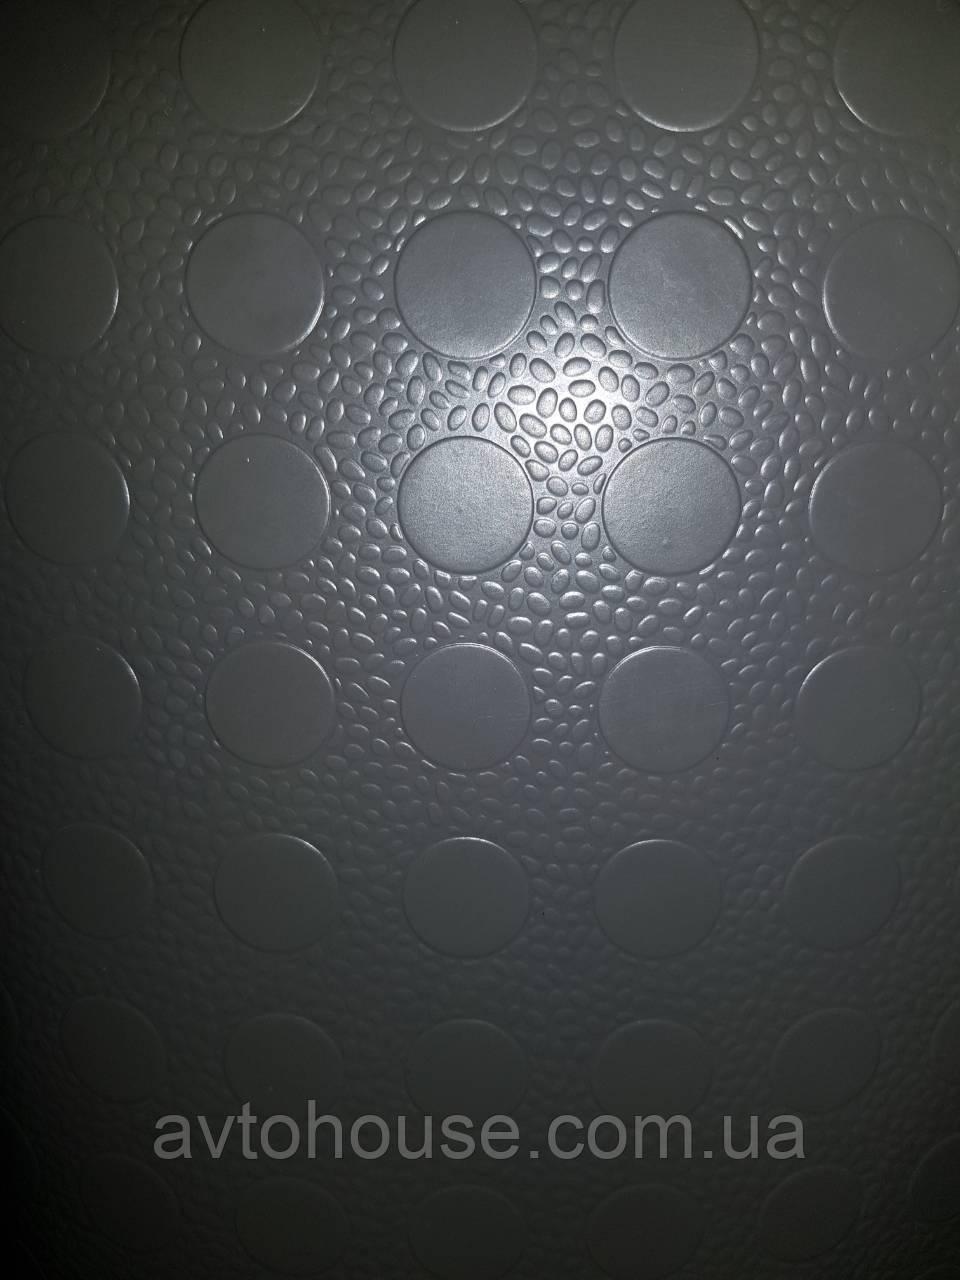 Линолеум автомобильный. серый круг с точками